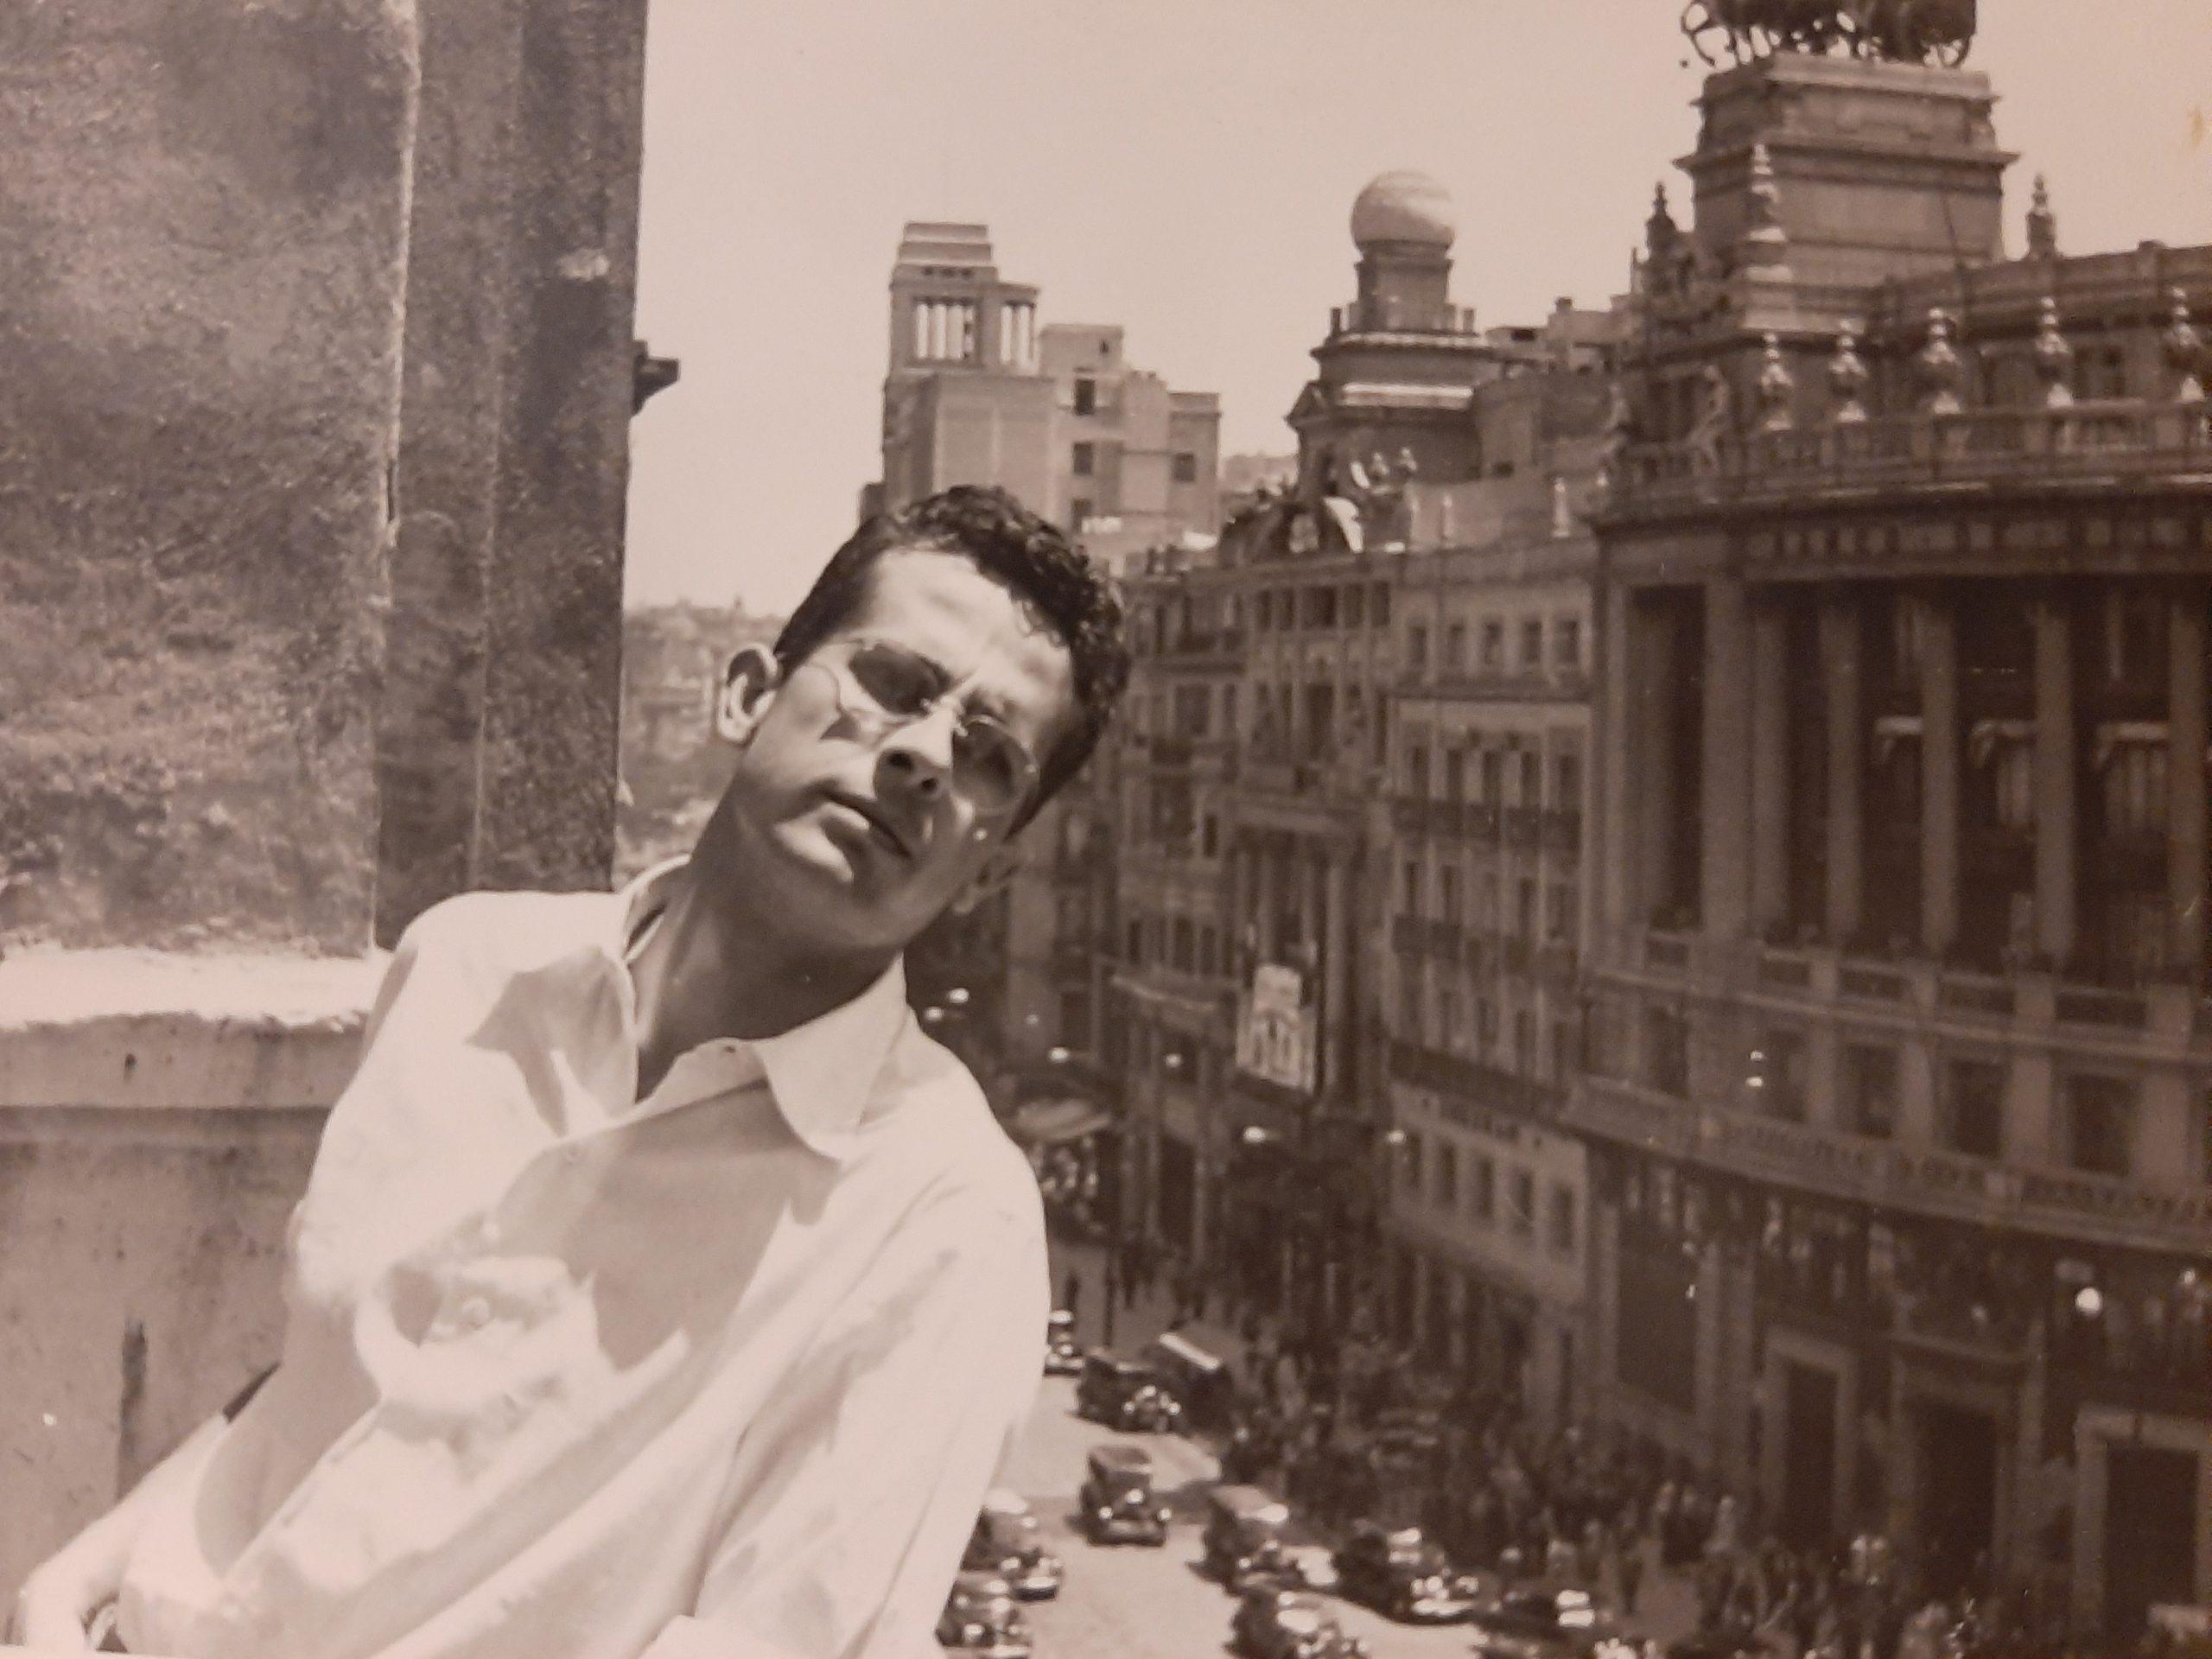 Juan Amo en su época de estudiante en la Escuela Superior de Bellas Artes de San Fernando en Madrid ubicada en la calle Alcalá.